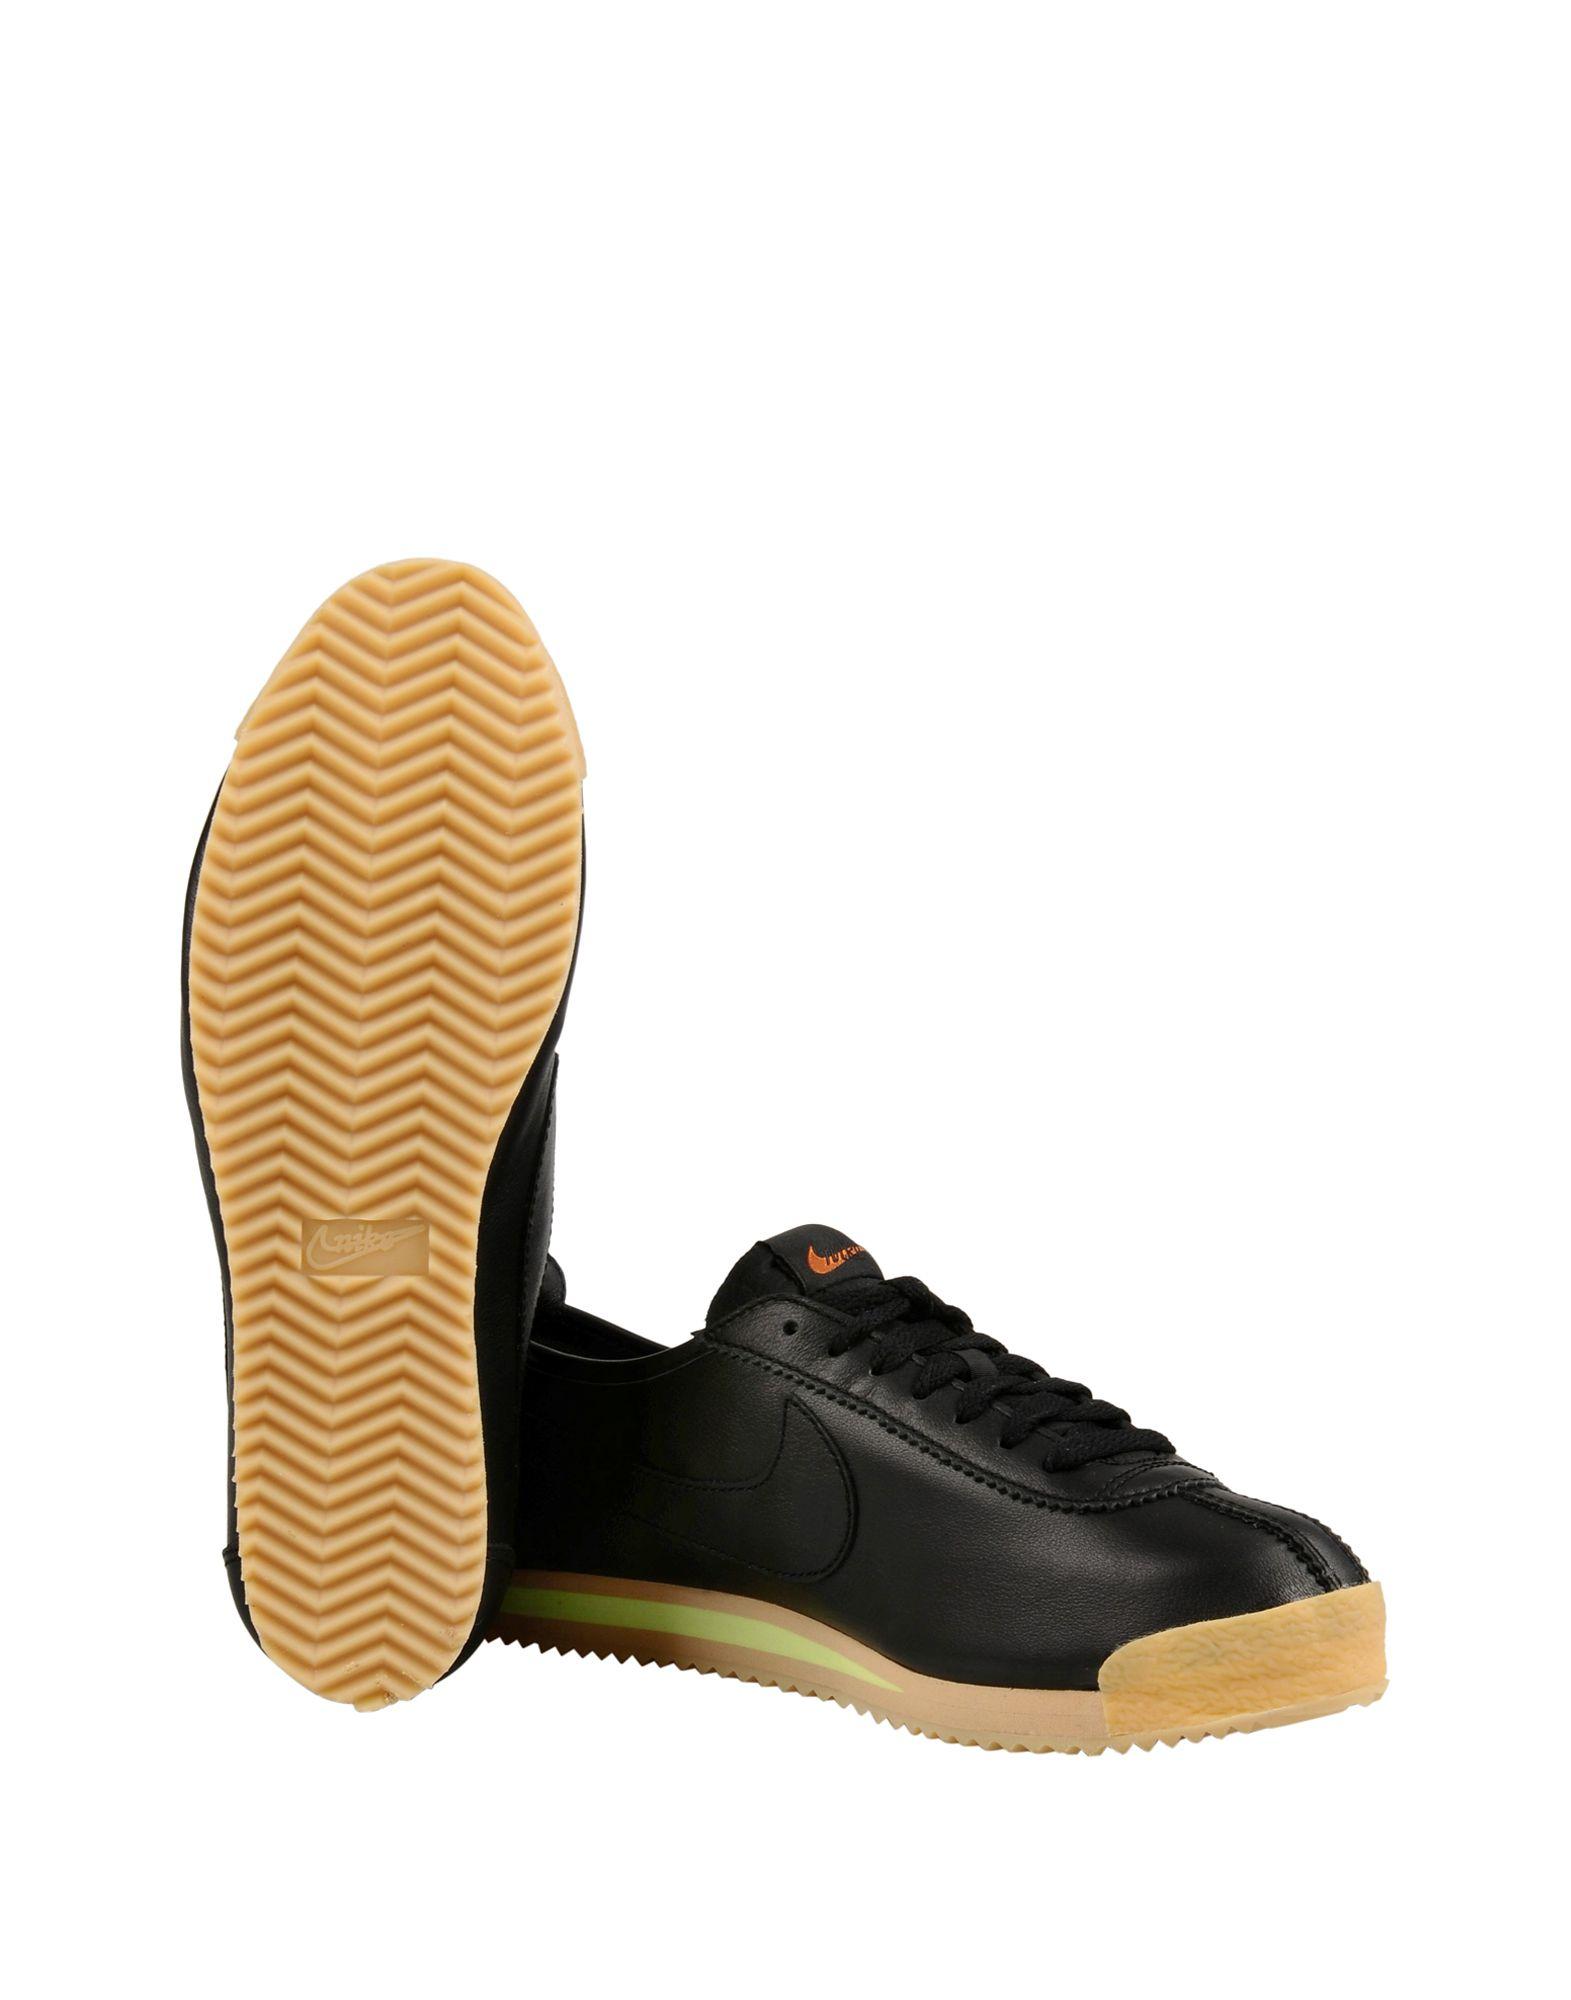 Sneakers Nike Wmns Nike Cortez 72 - Femme - Sneakers Nike sur